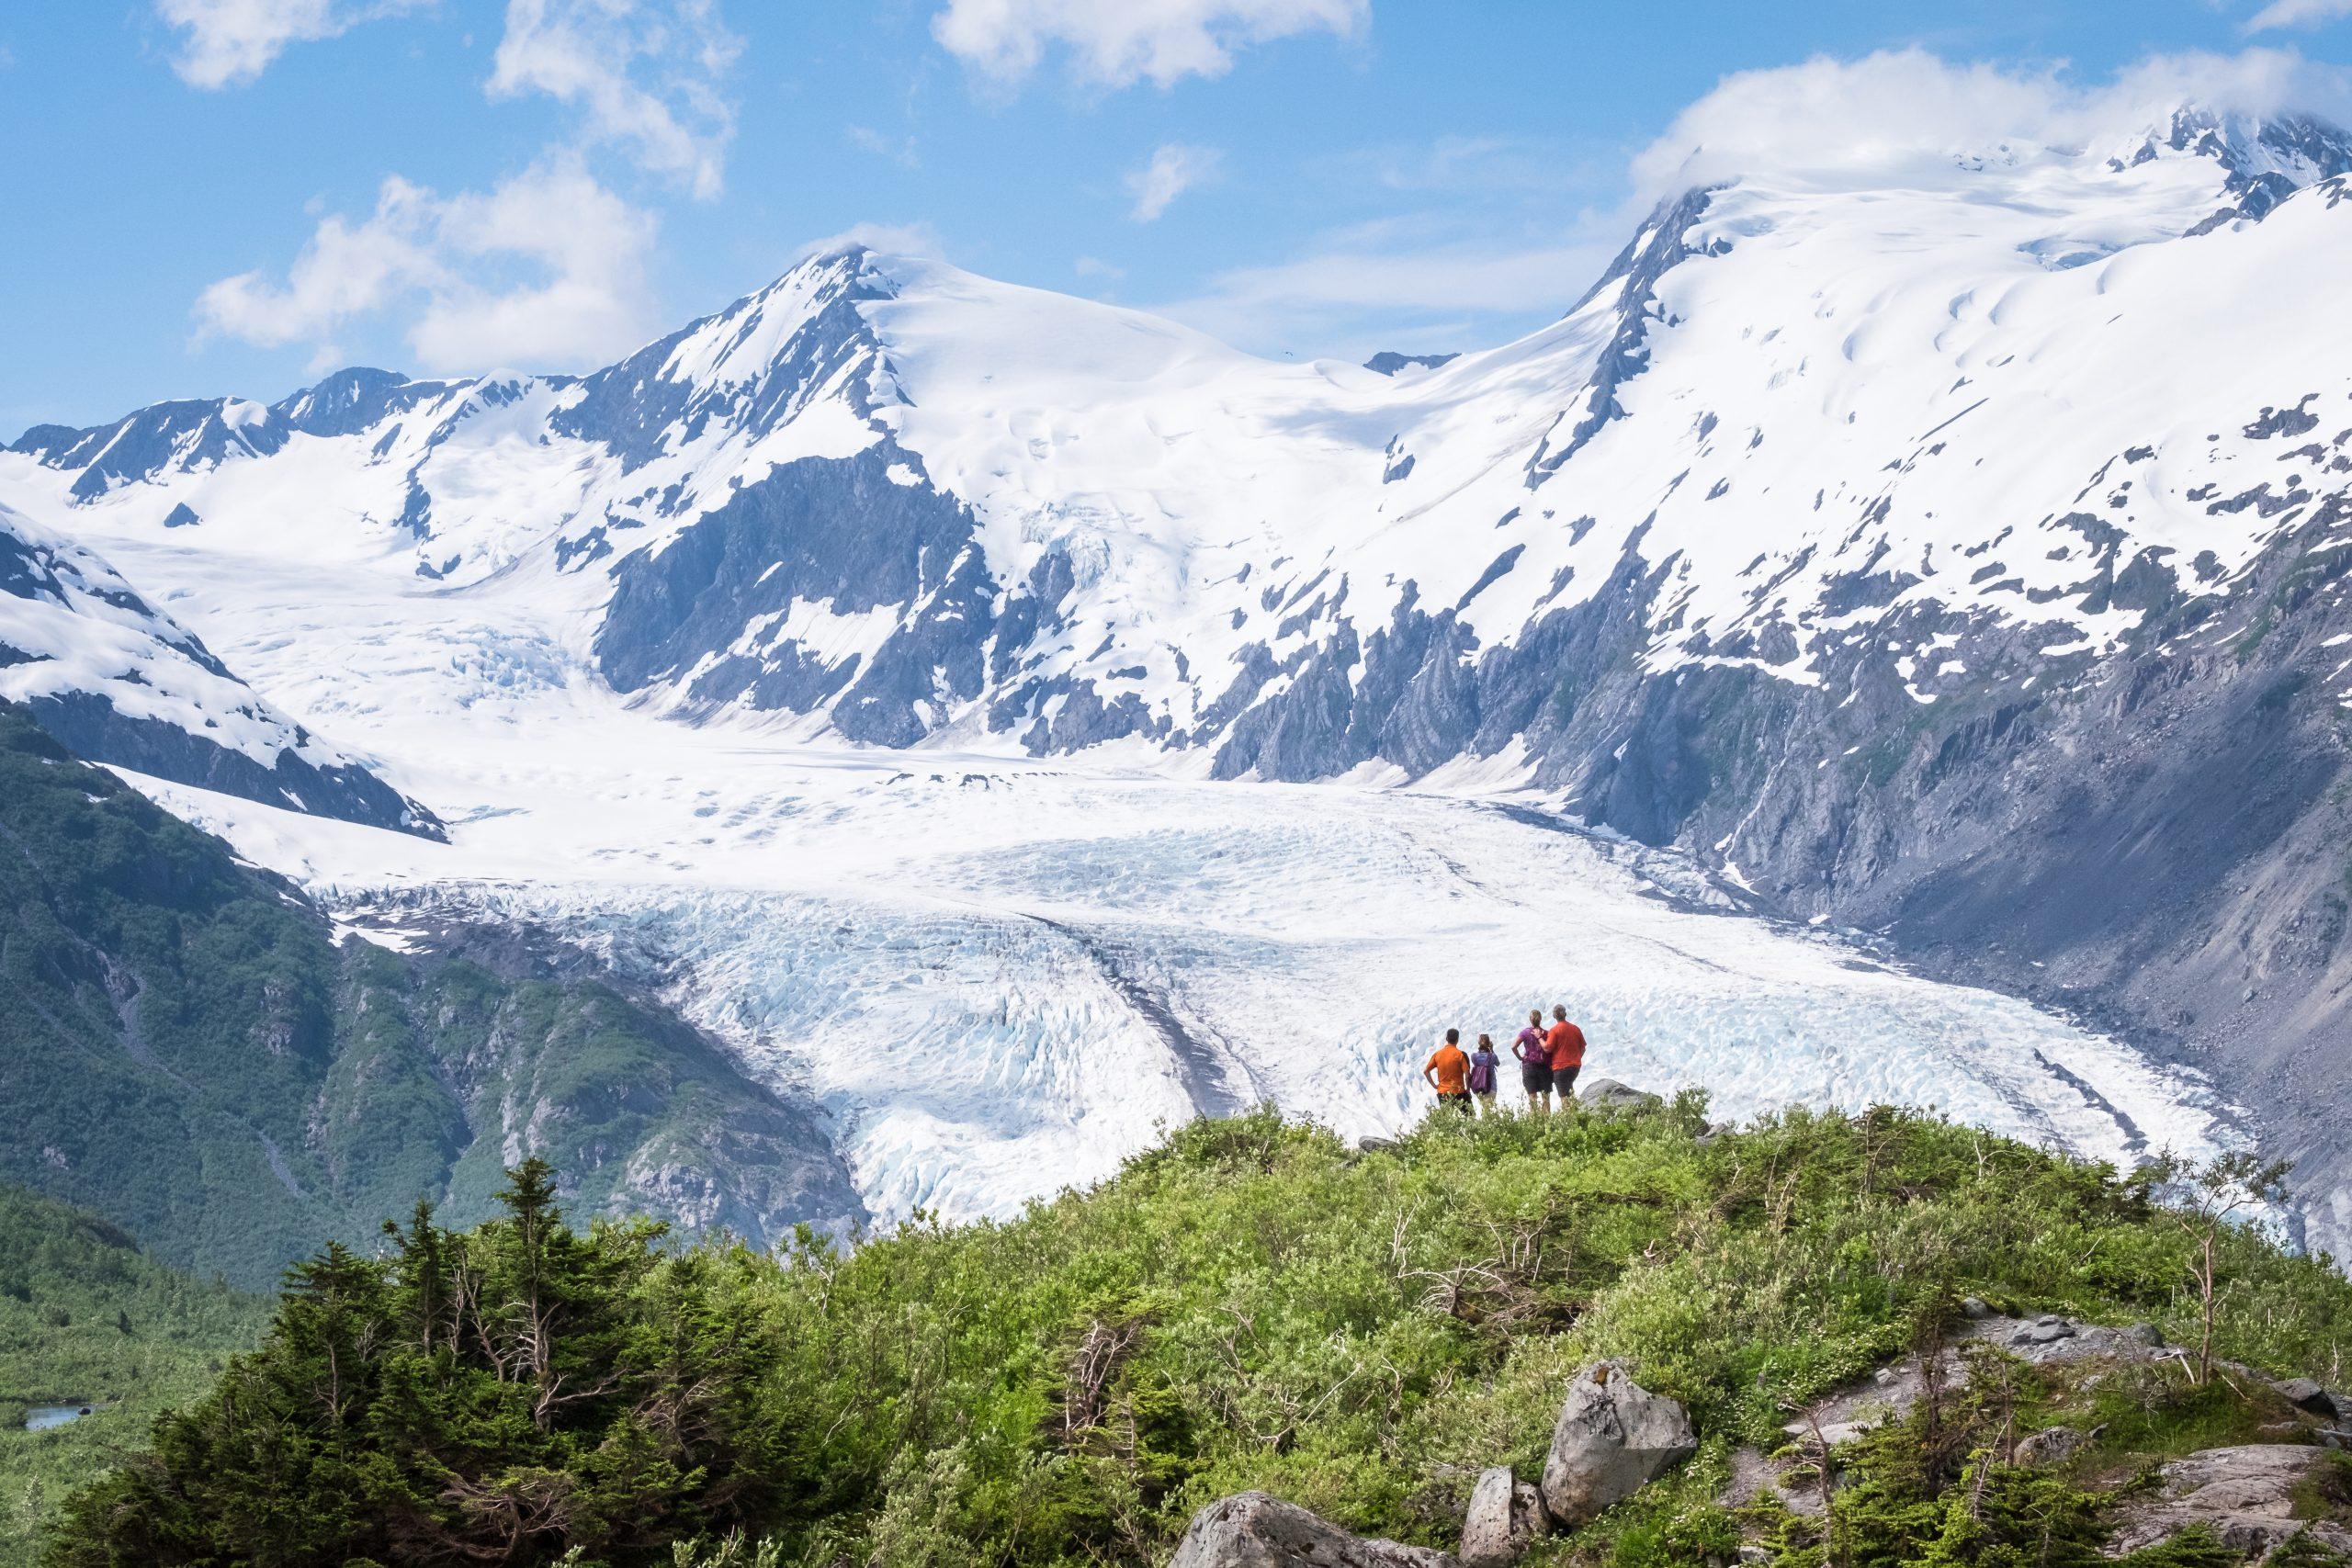 Vy över Portage Pass och en grupp människor, foto av JodyO